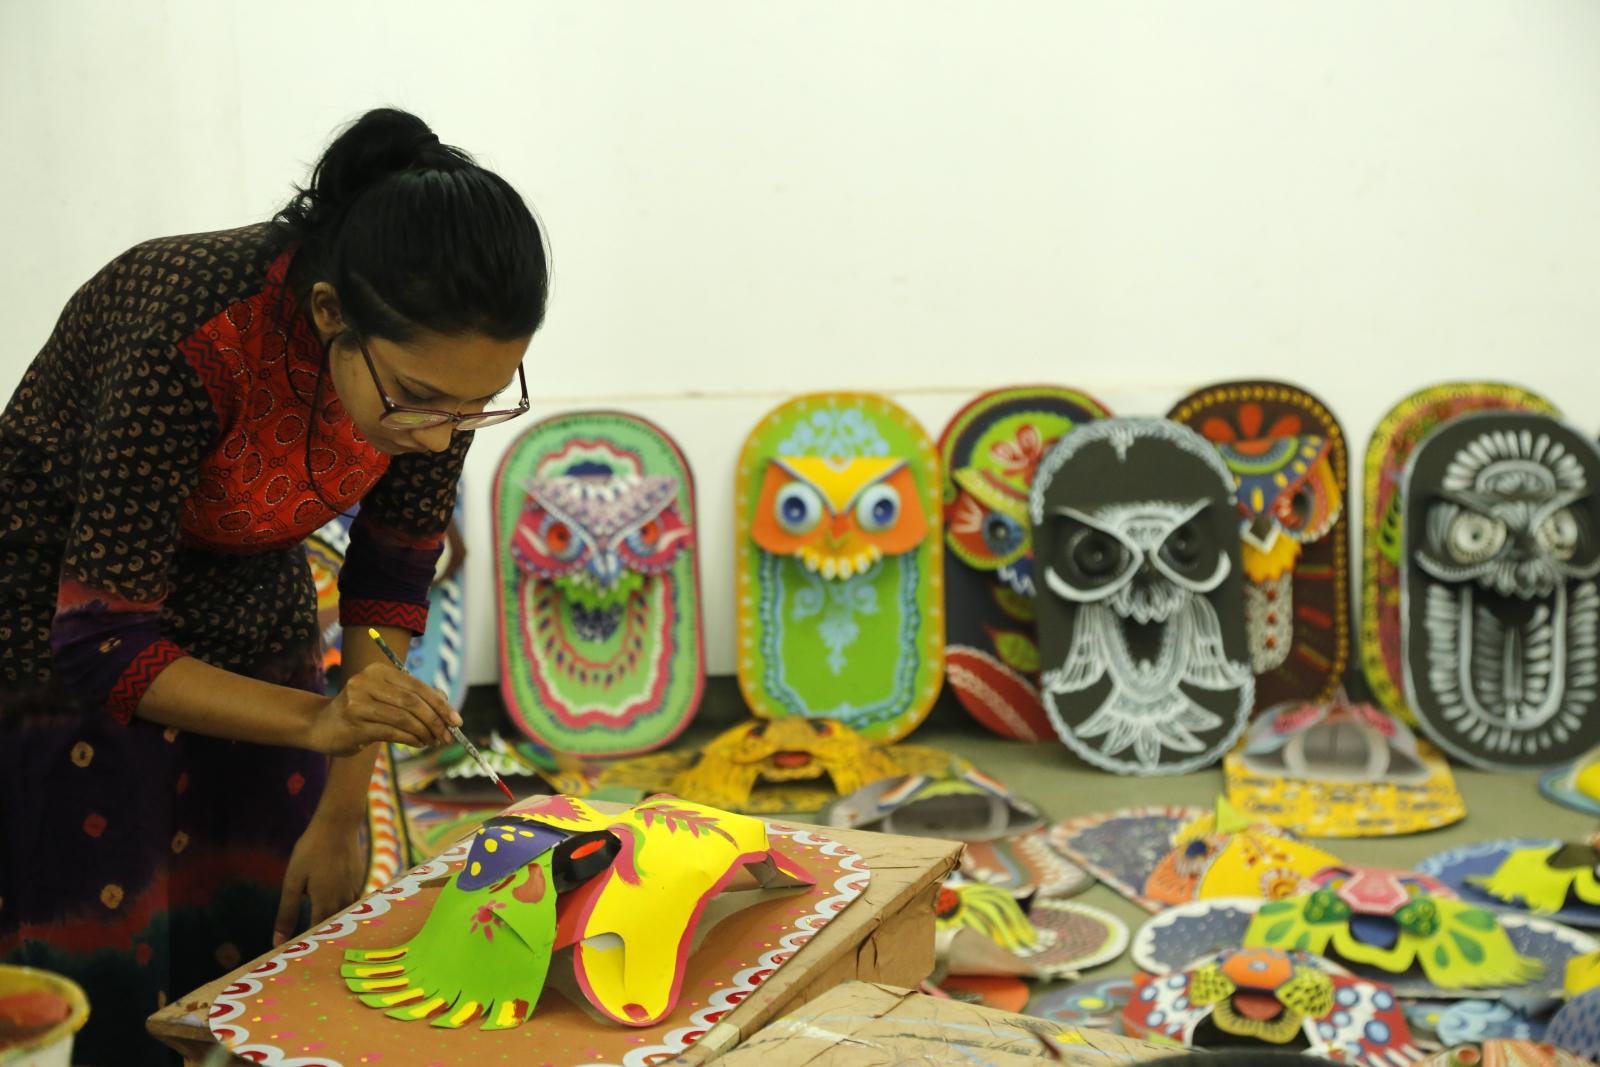 Przygotowania do festiwalu Mangal Shobhajatra obchodzonego 14 kwietnia, w pierwszy dzień pierwszego miesiąca roku kalendarzowego Bangla w Bangladeszu. Należy on do dziedzictwa niematerialnego UNESCO. Fot. PAP/EPA/ABIR ABDULLAH